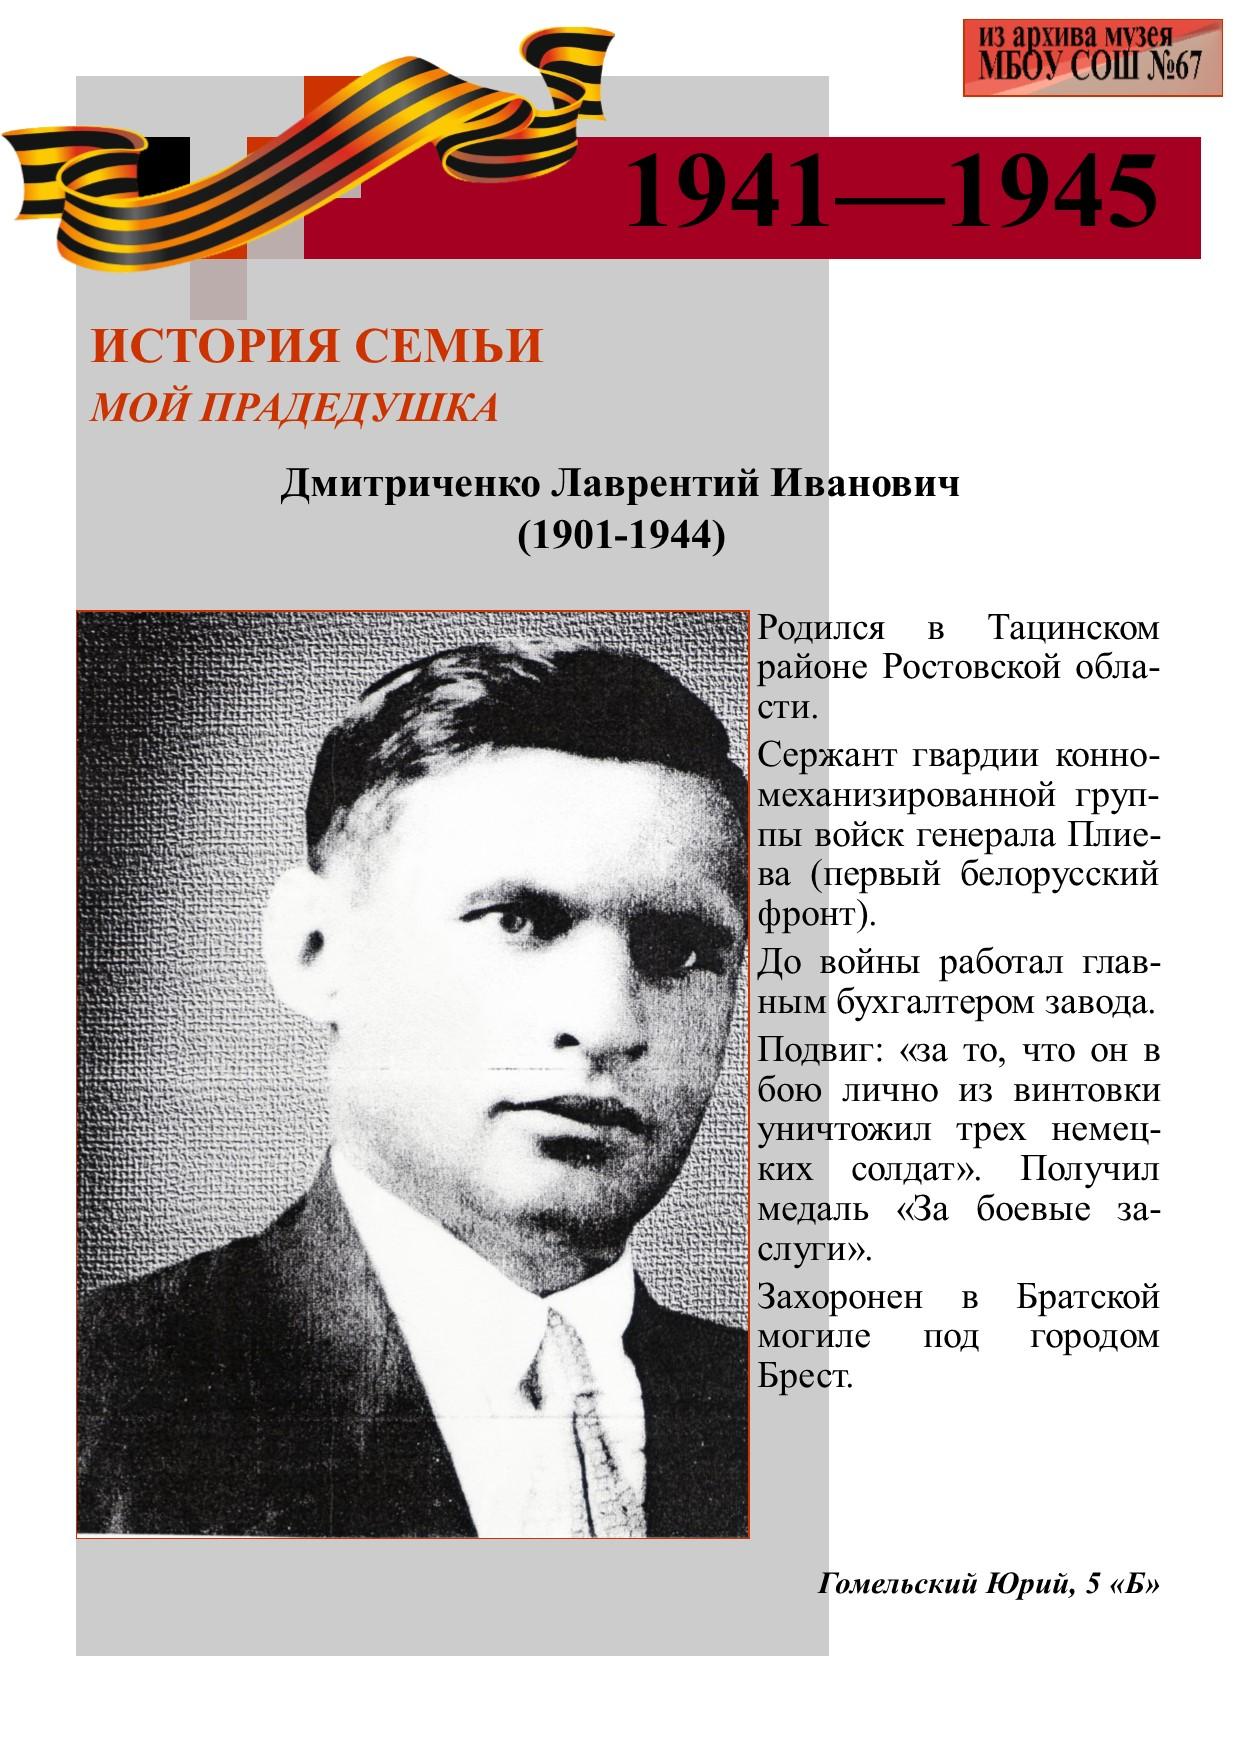 Дмитриченко Л.И